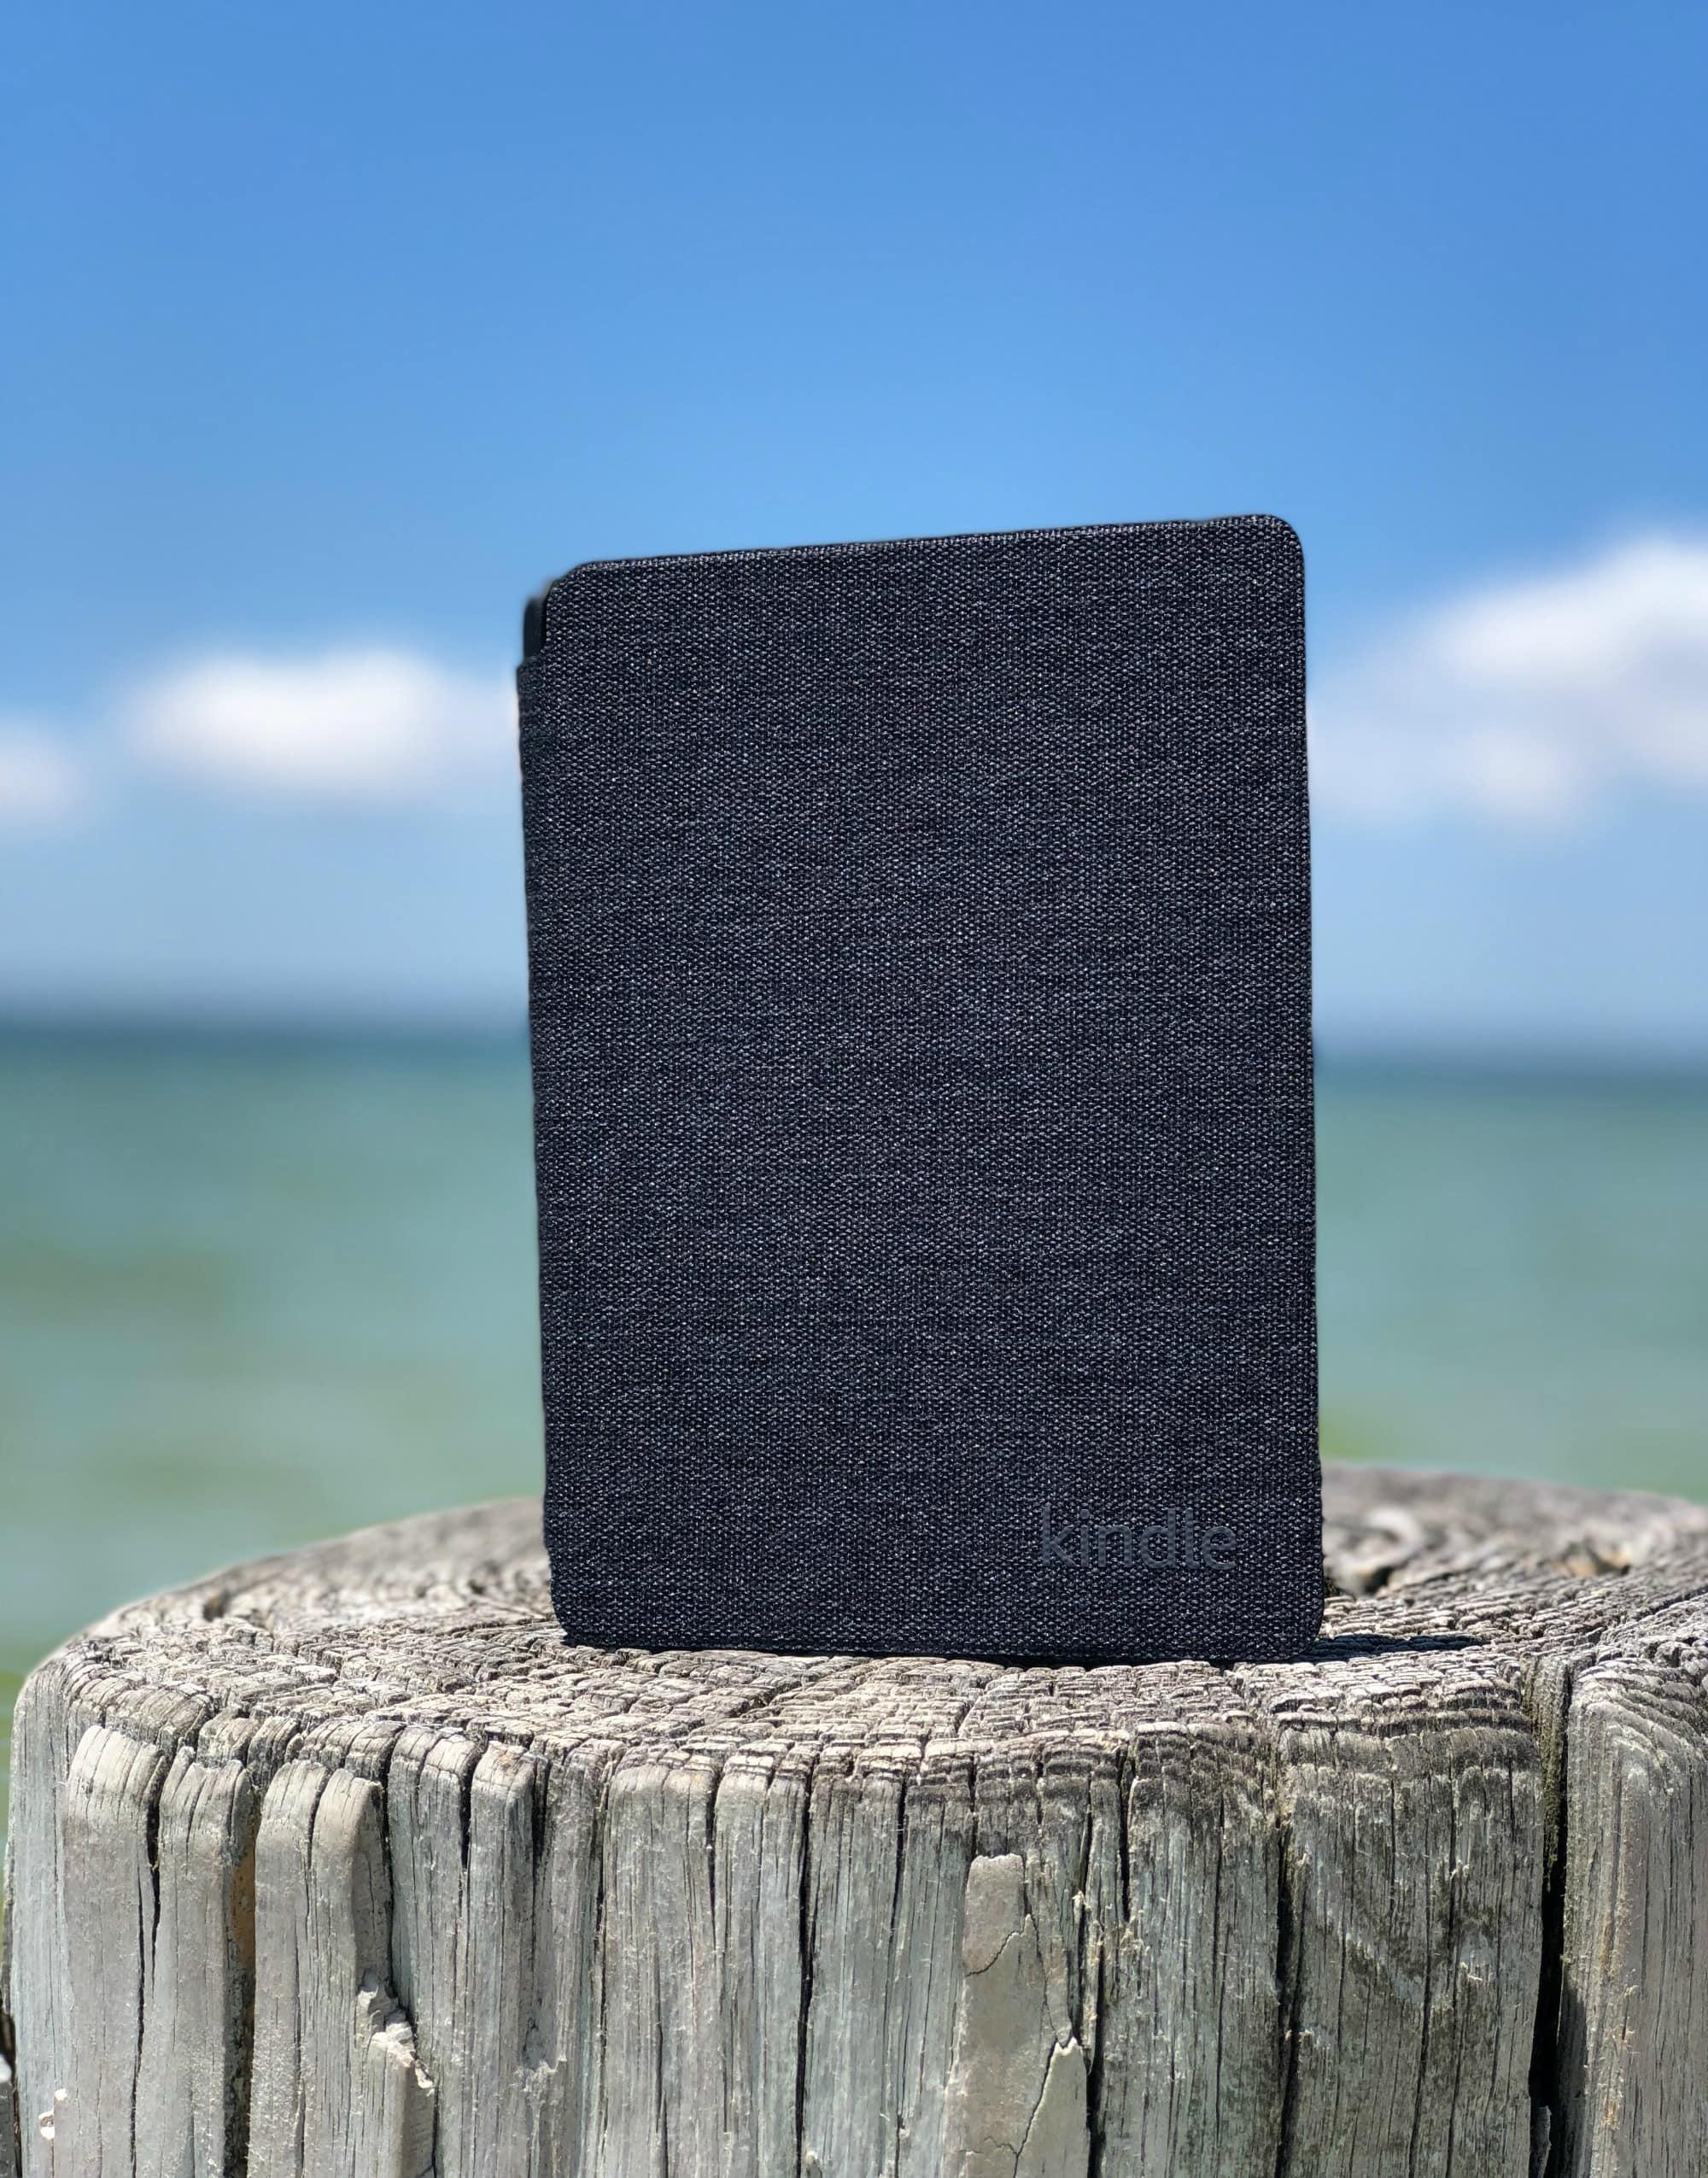 kindle e-reader on the beach